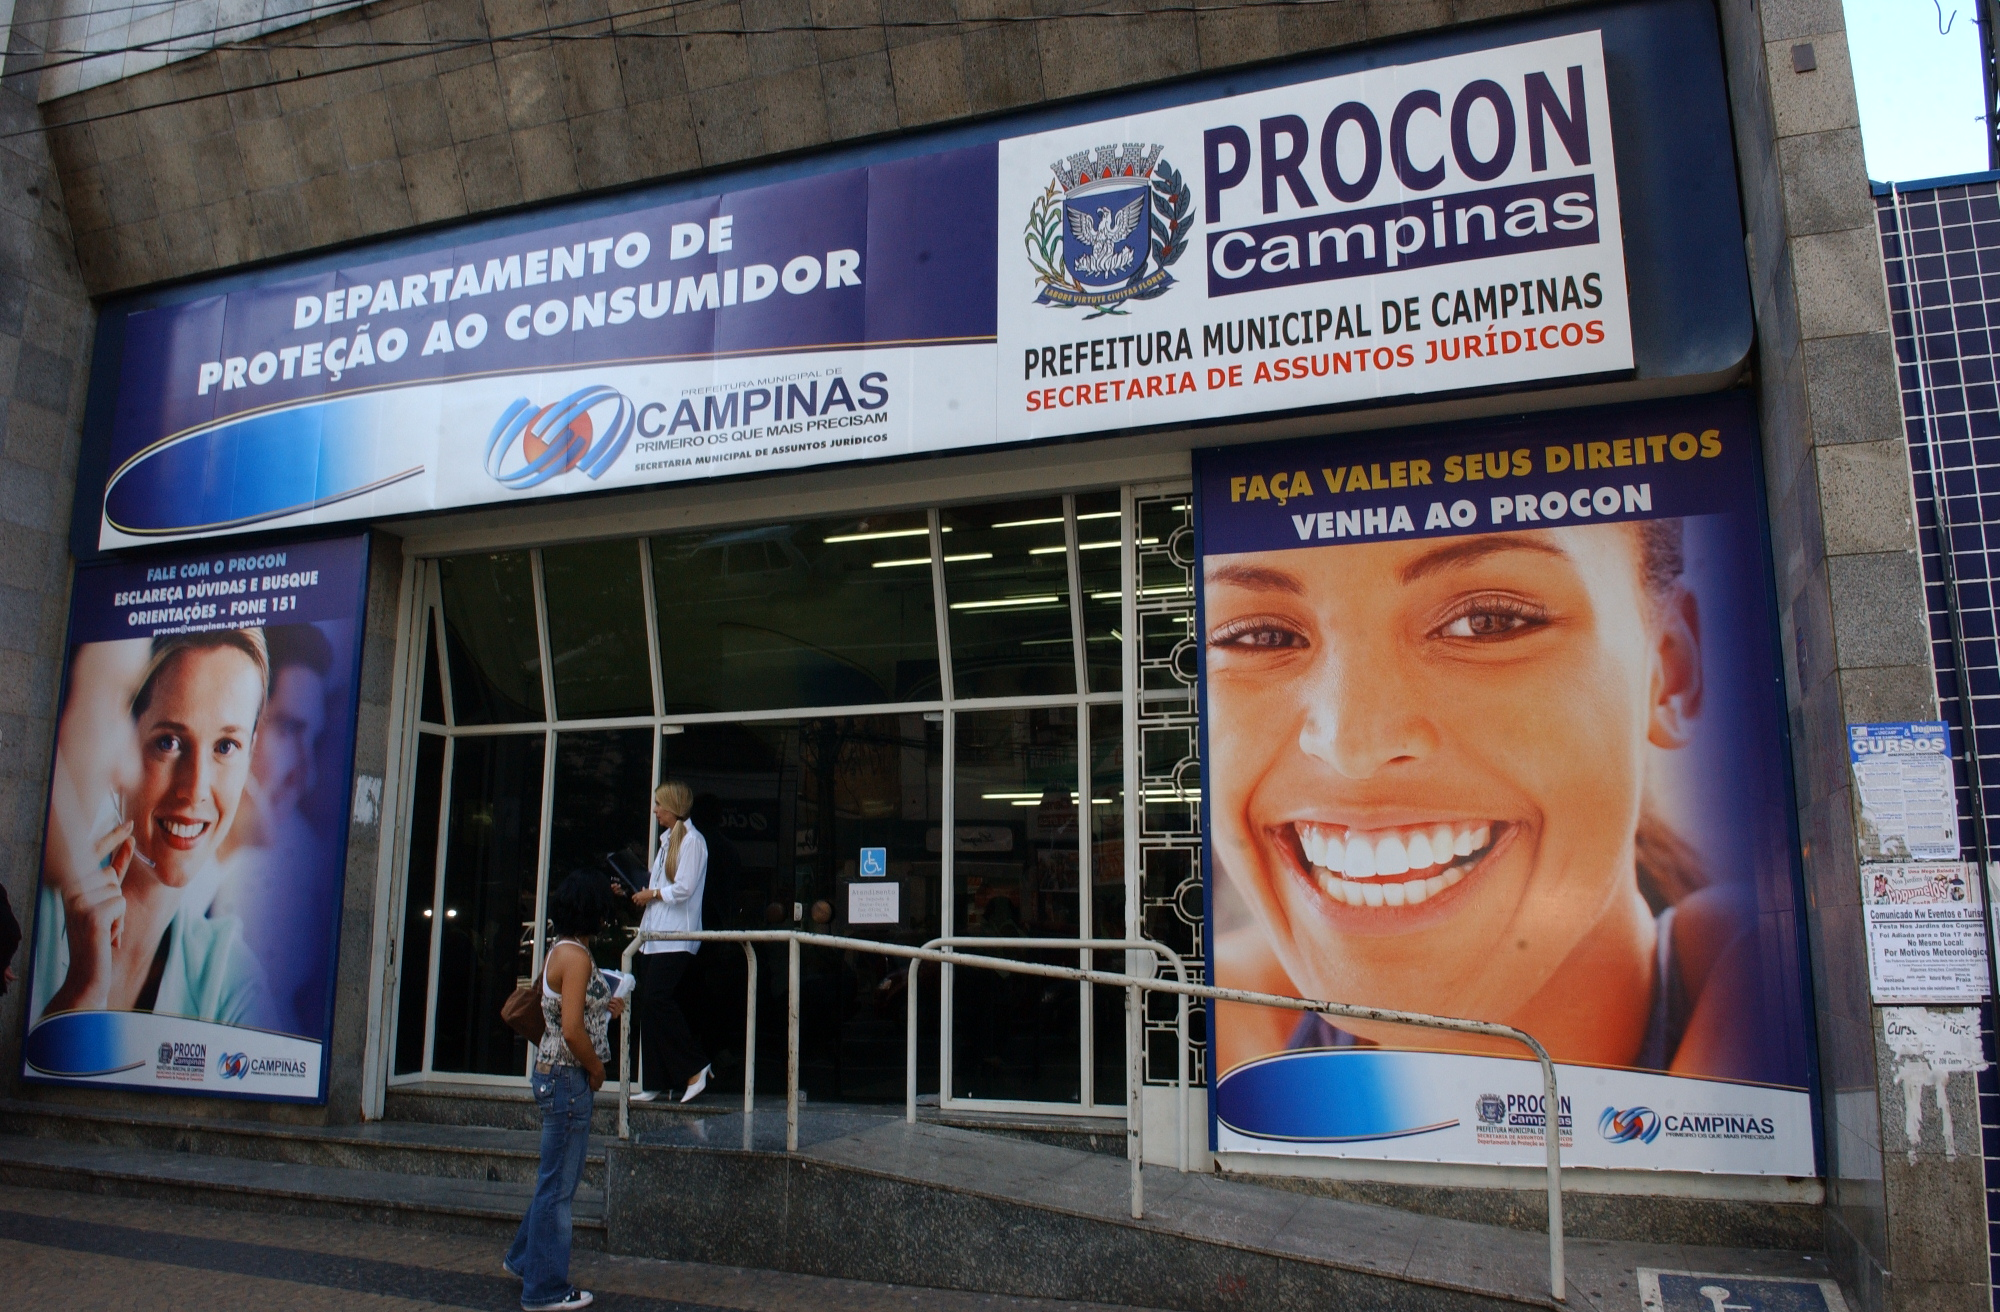 Comerciante, tire suas dúvidas sobre lei do consumidor e atuação do Procon